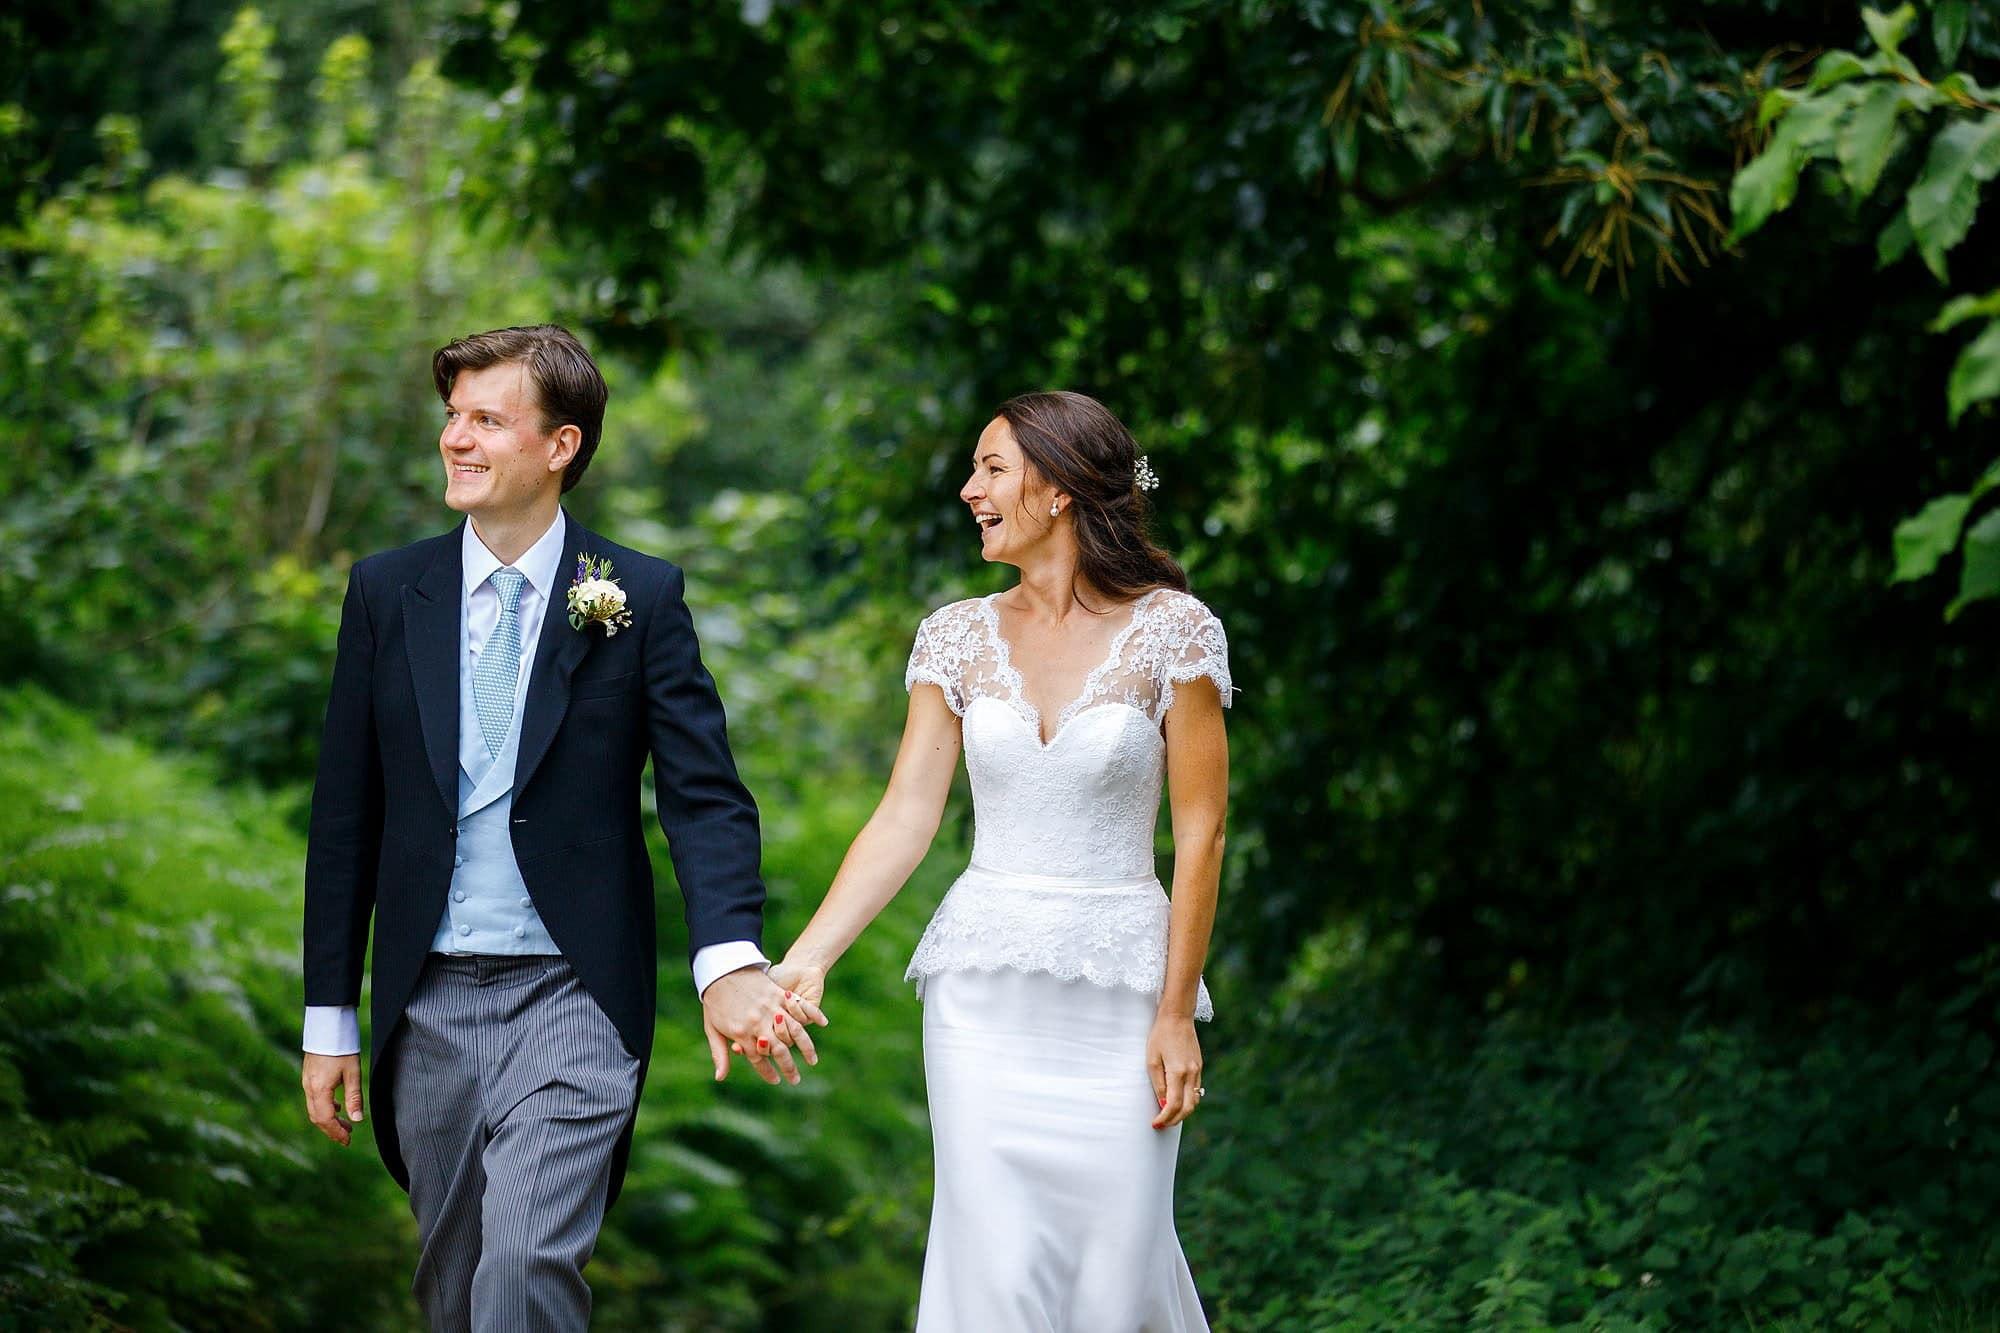 Tendring Estate wedding